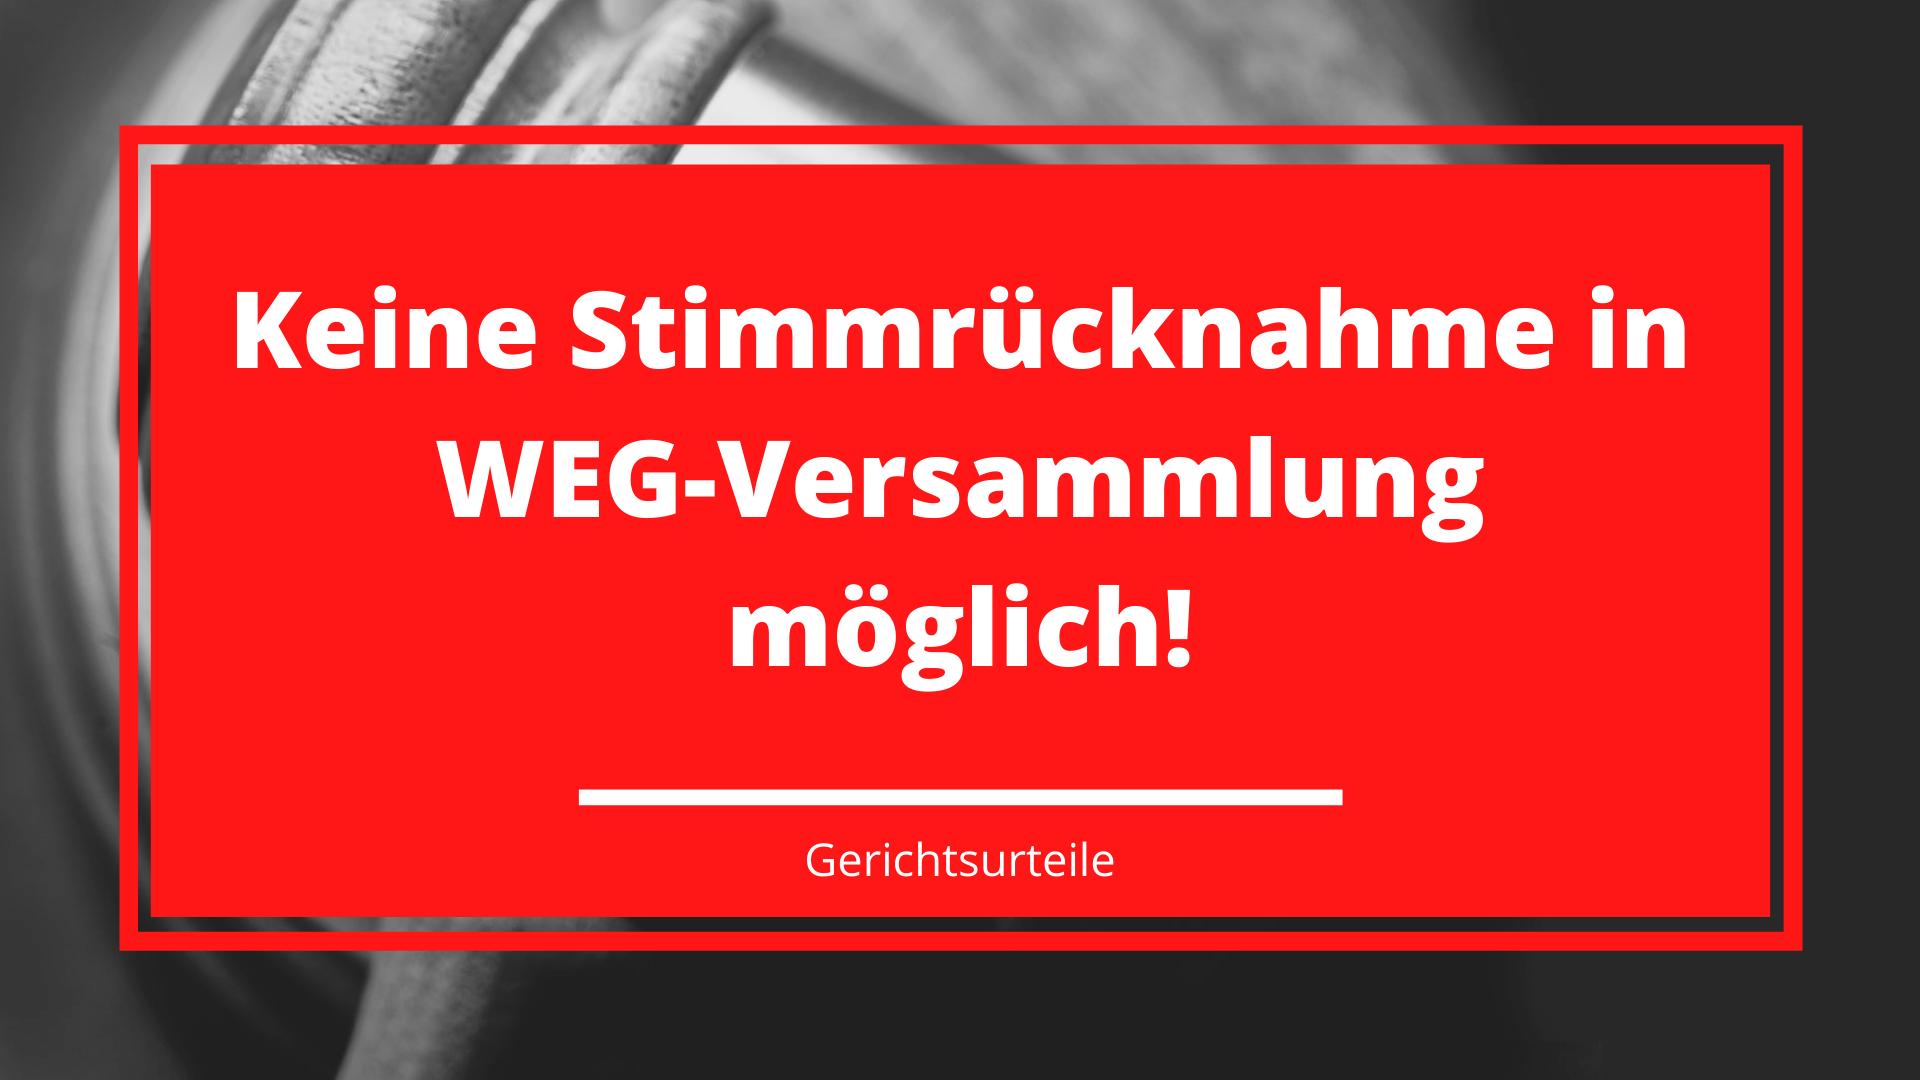 Keine Stimmrücknahme in WEG-Versammlung möglich!